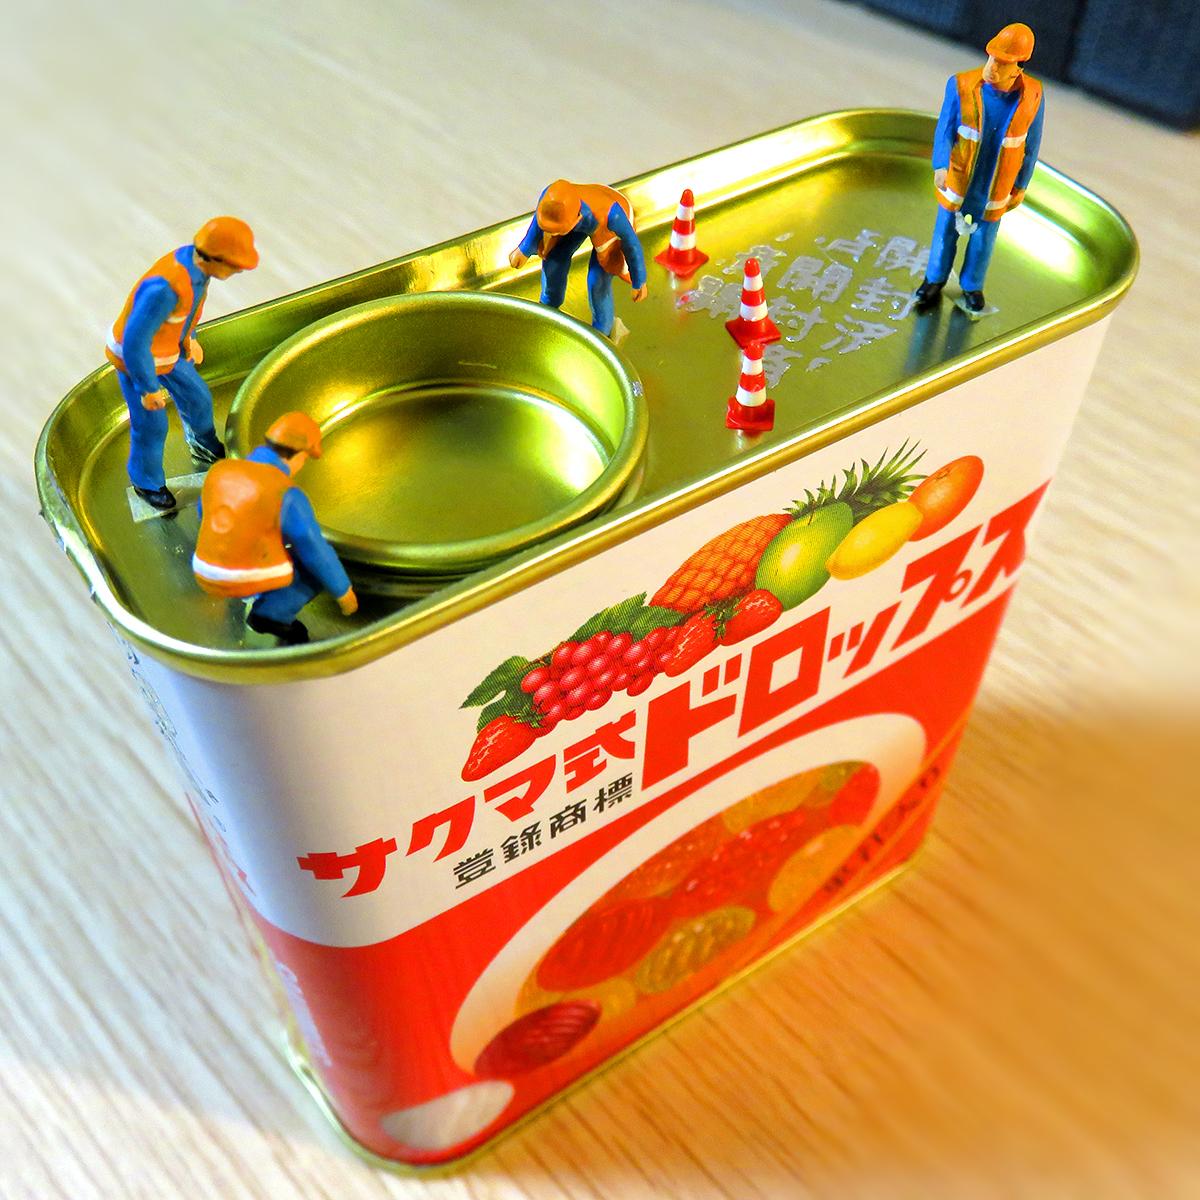 サクマ式ドロップスの缶が開かなくて困ってる作業員たち